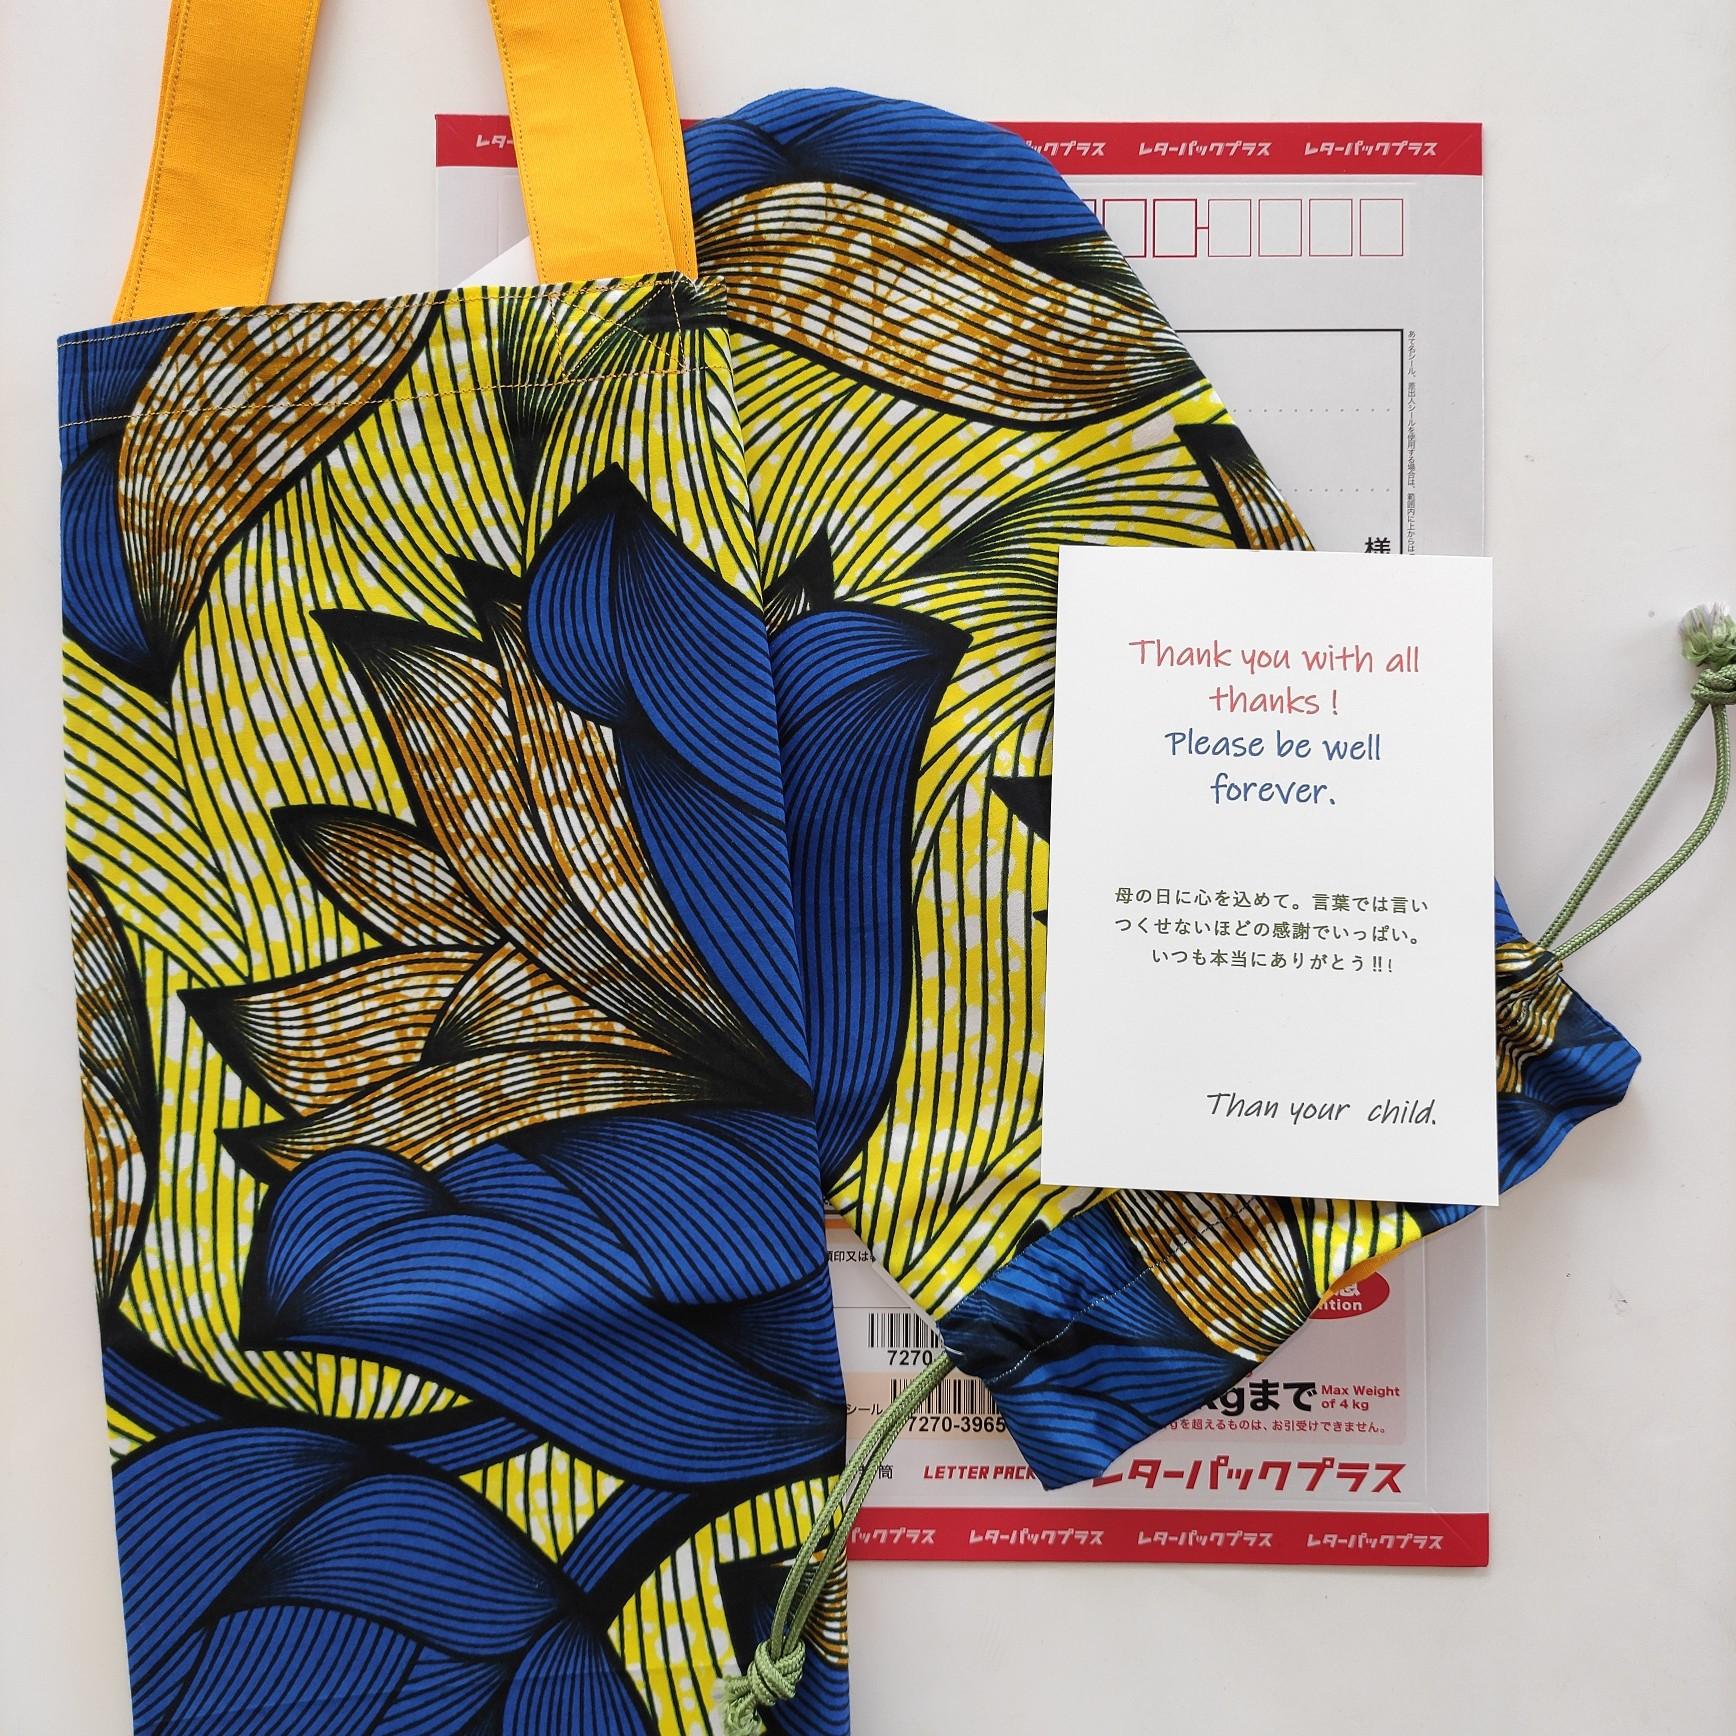 母の日プレゼントのお勧め ④アフリカンファブリックチューリップ柄